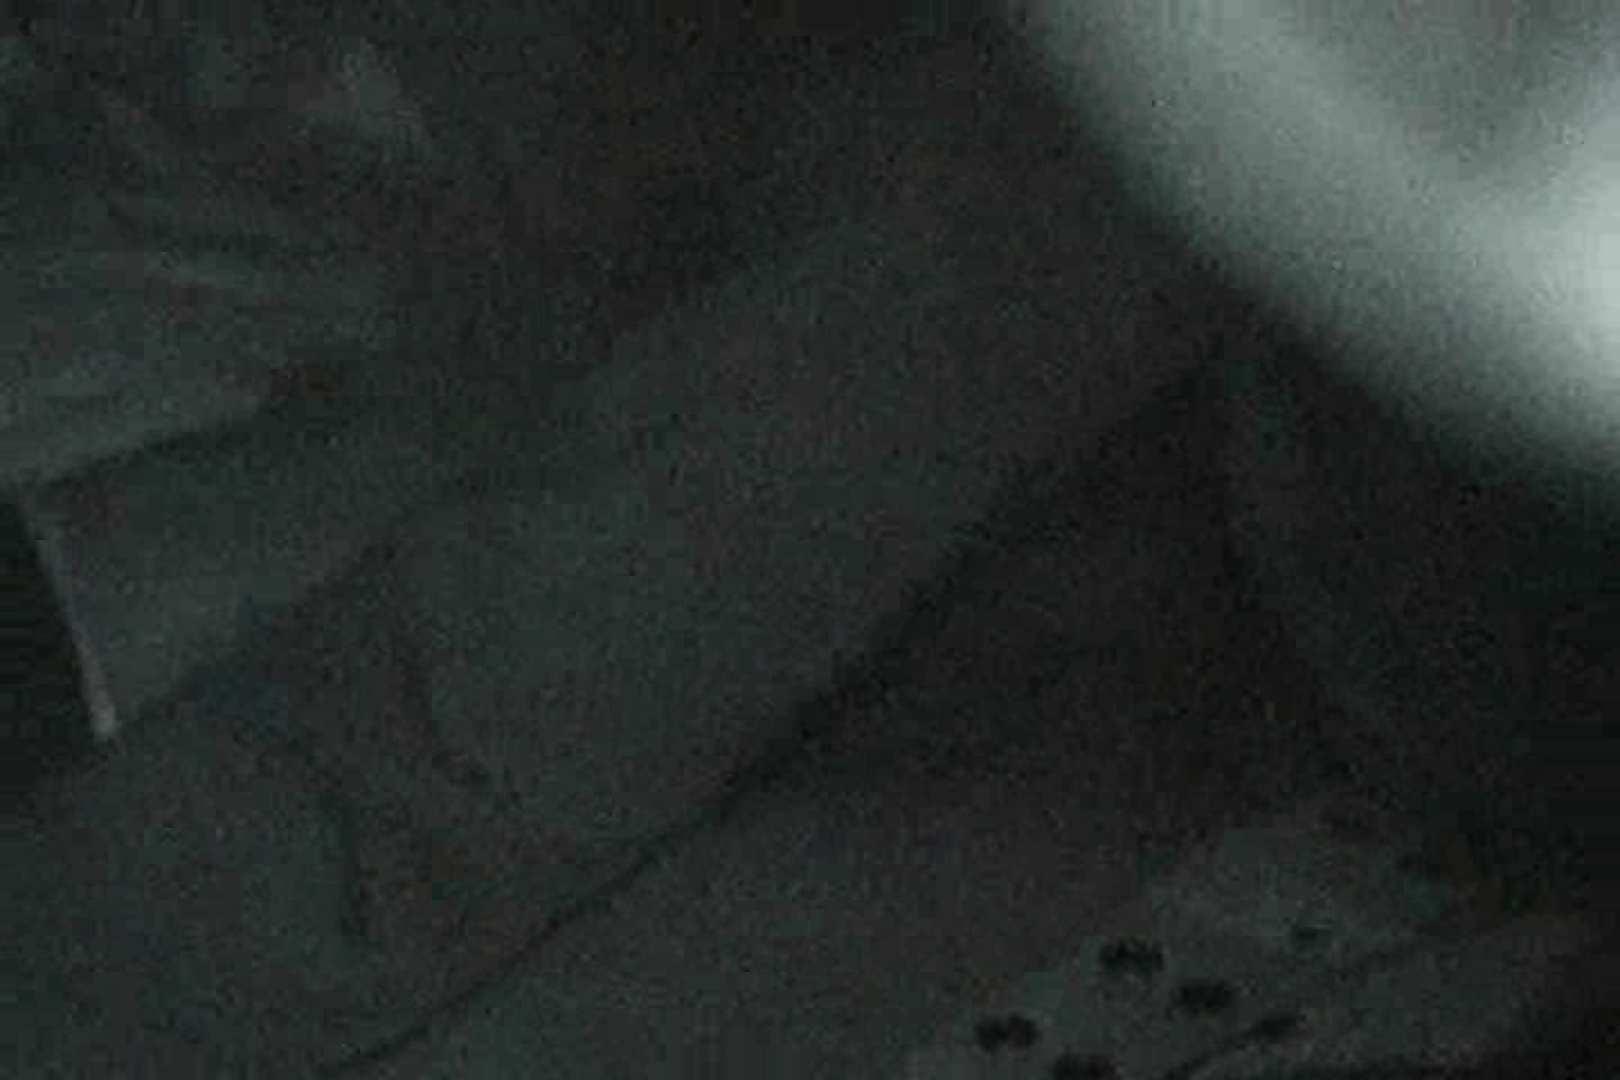 充血監督の深夜の運動会Vol.2 OLセックス  69画像 20